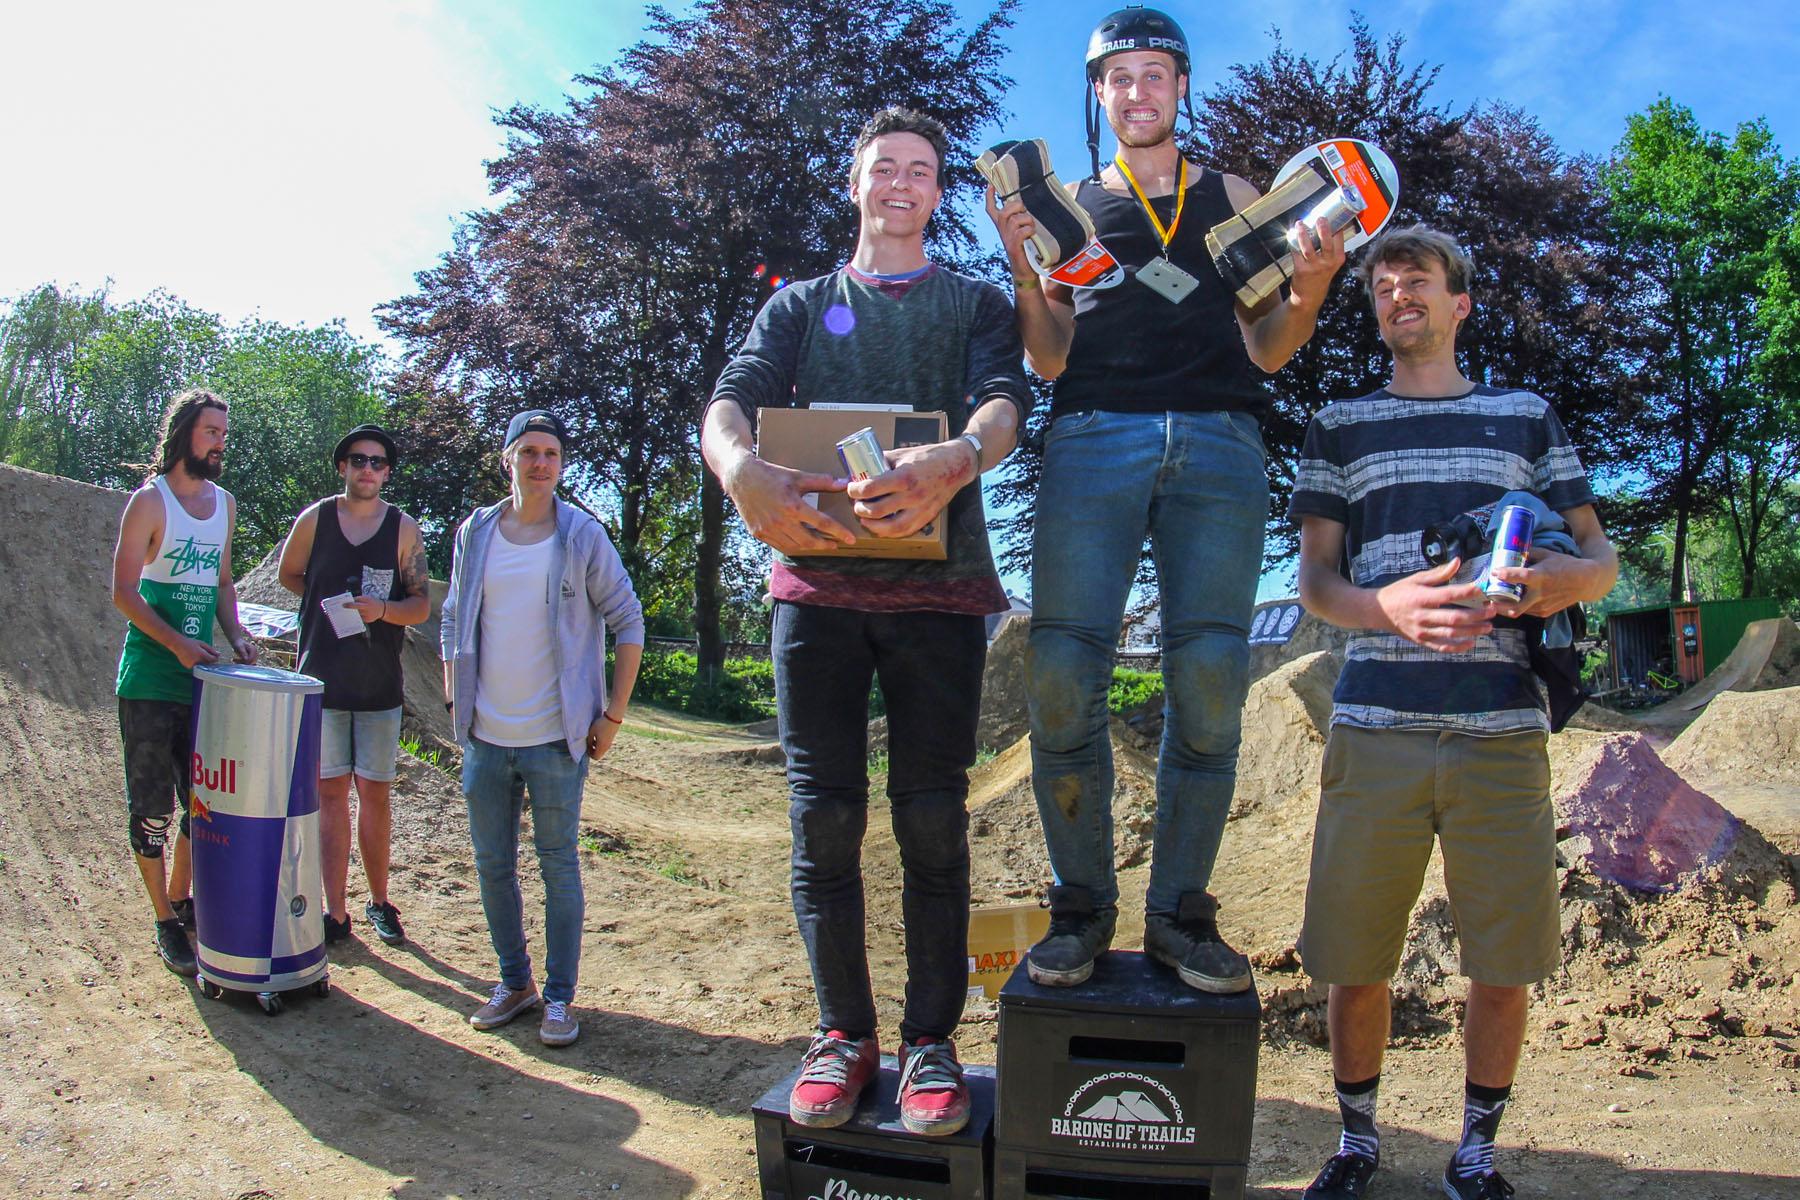 Die Gewinner des Pumptrackrace auf den Barons of Trails in Freising (v.l.n.r.): Rene Mühlbauer (2.), Marcel Berger (1.) und Lukas Bachmann (3.)